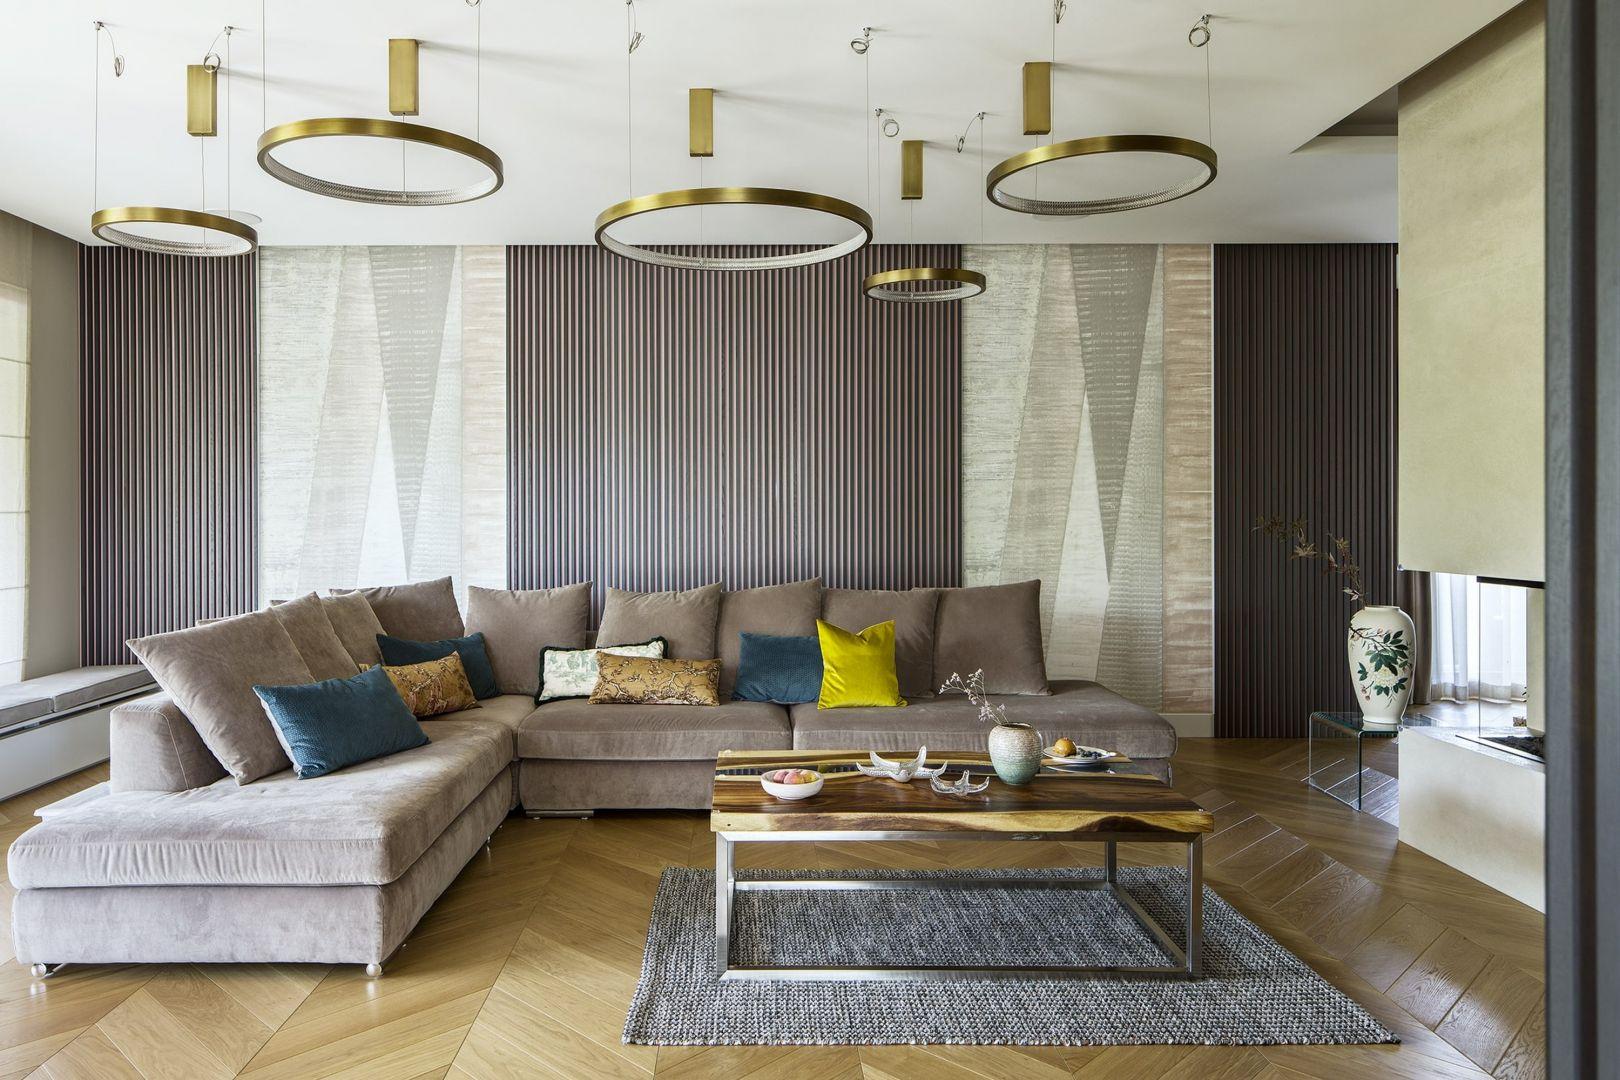 Otwarta strefa dzienna, na którą składa się salon, dwie jadalnie (oficjalna i prywatna) oraz kuchnia, to serce całego domu. Projekt Tissu Architecture. Fot. Yassen Hristov